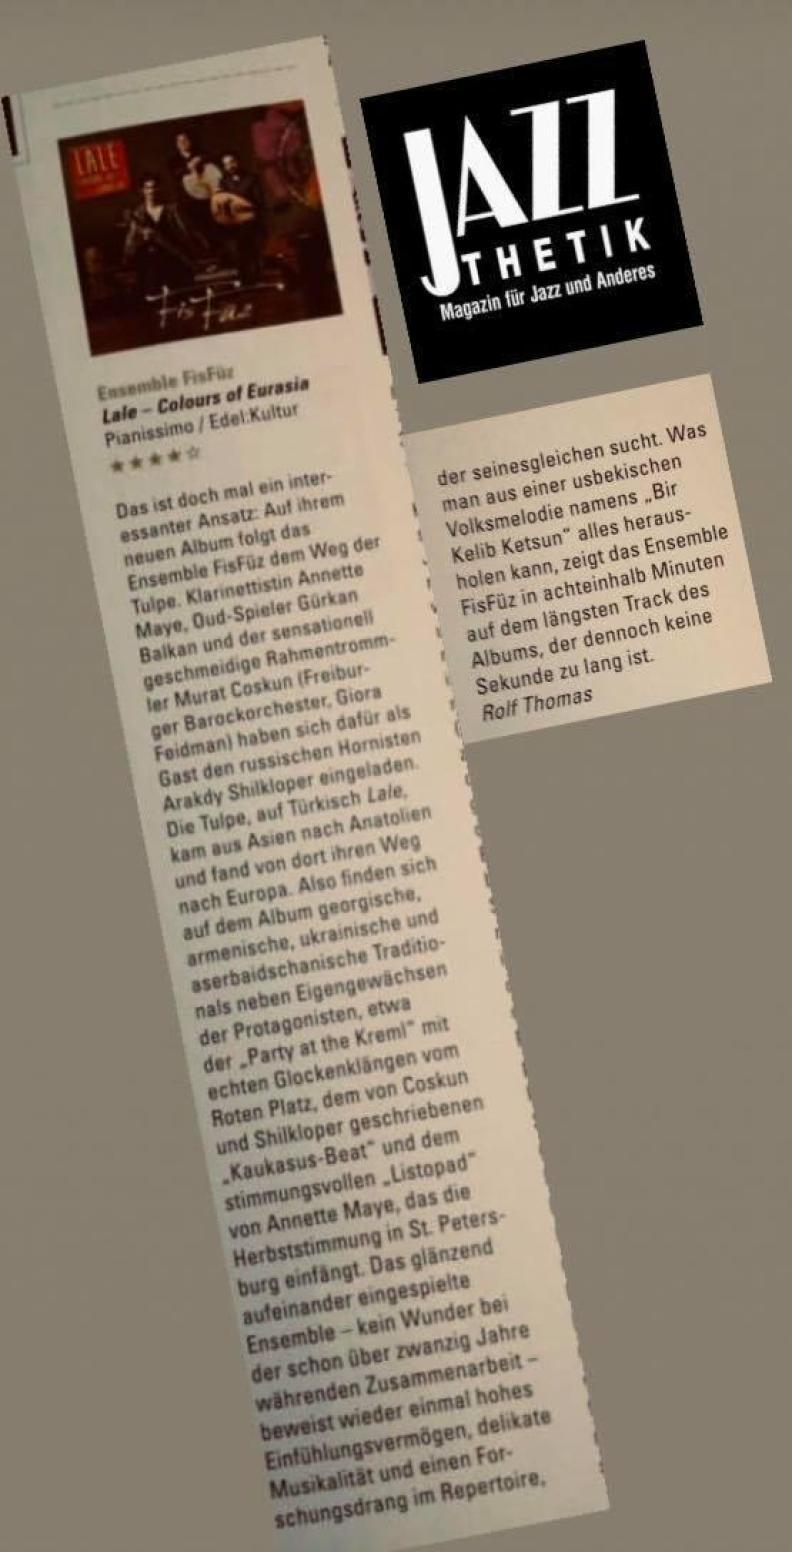 JAZZ THETIK - Magazin für Jazz und Anderes (Jan/Feb 2020)